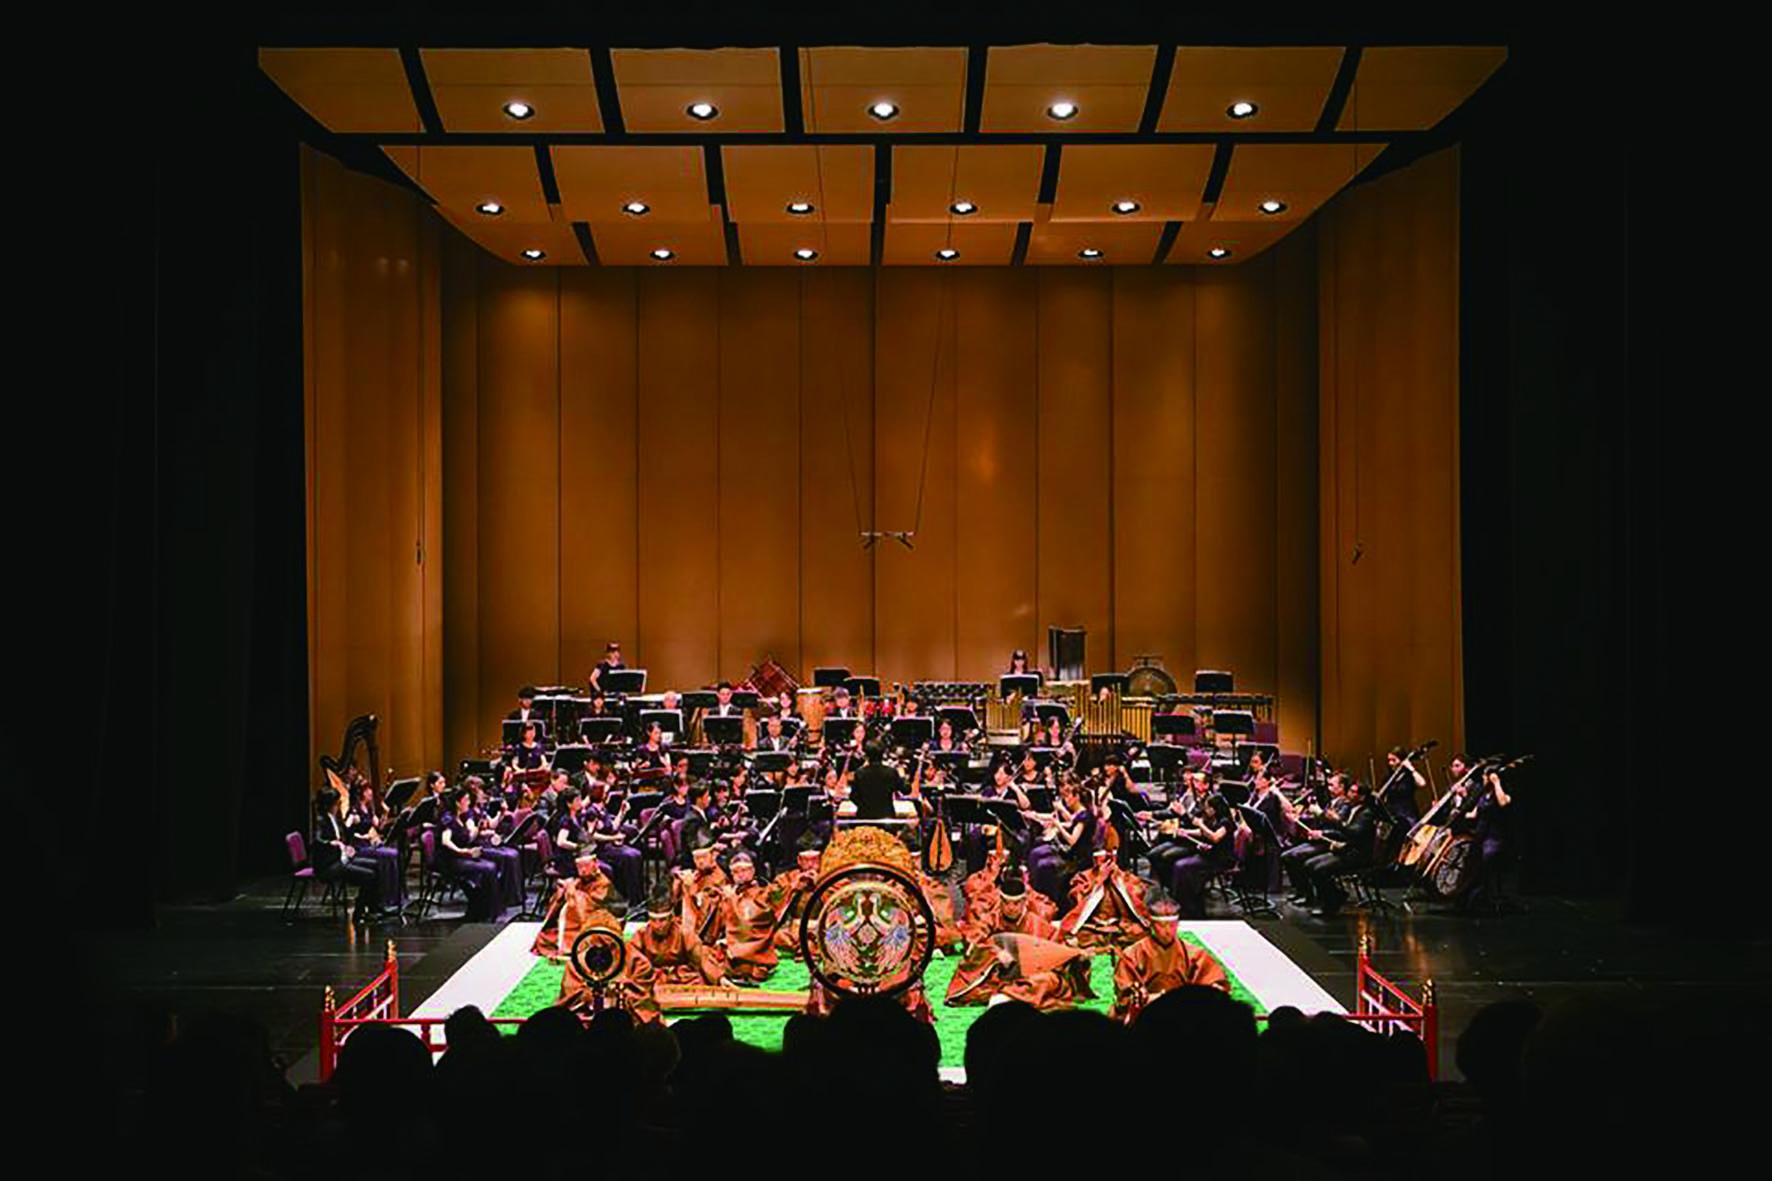 本屆藝術節除了北之台雅樂会的專場之夜,另外由臺灣國樂團共同精心策畫了《雅正之樂 — 日本雅樂的音樂風情II》,並與北之台雅樂会輪番登場。.jpg